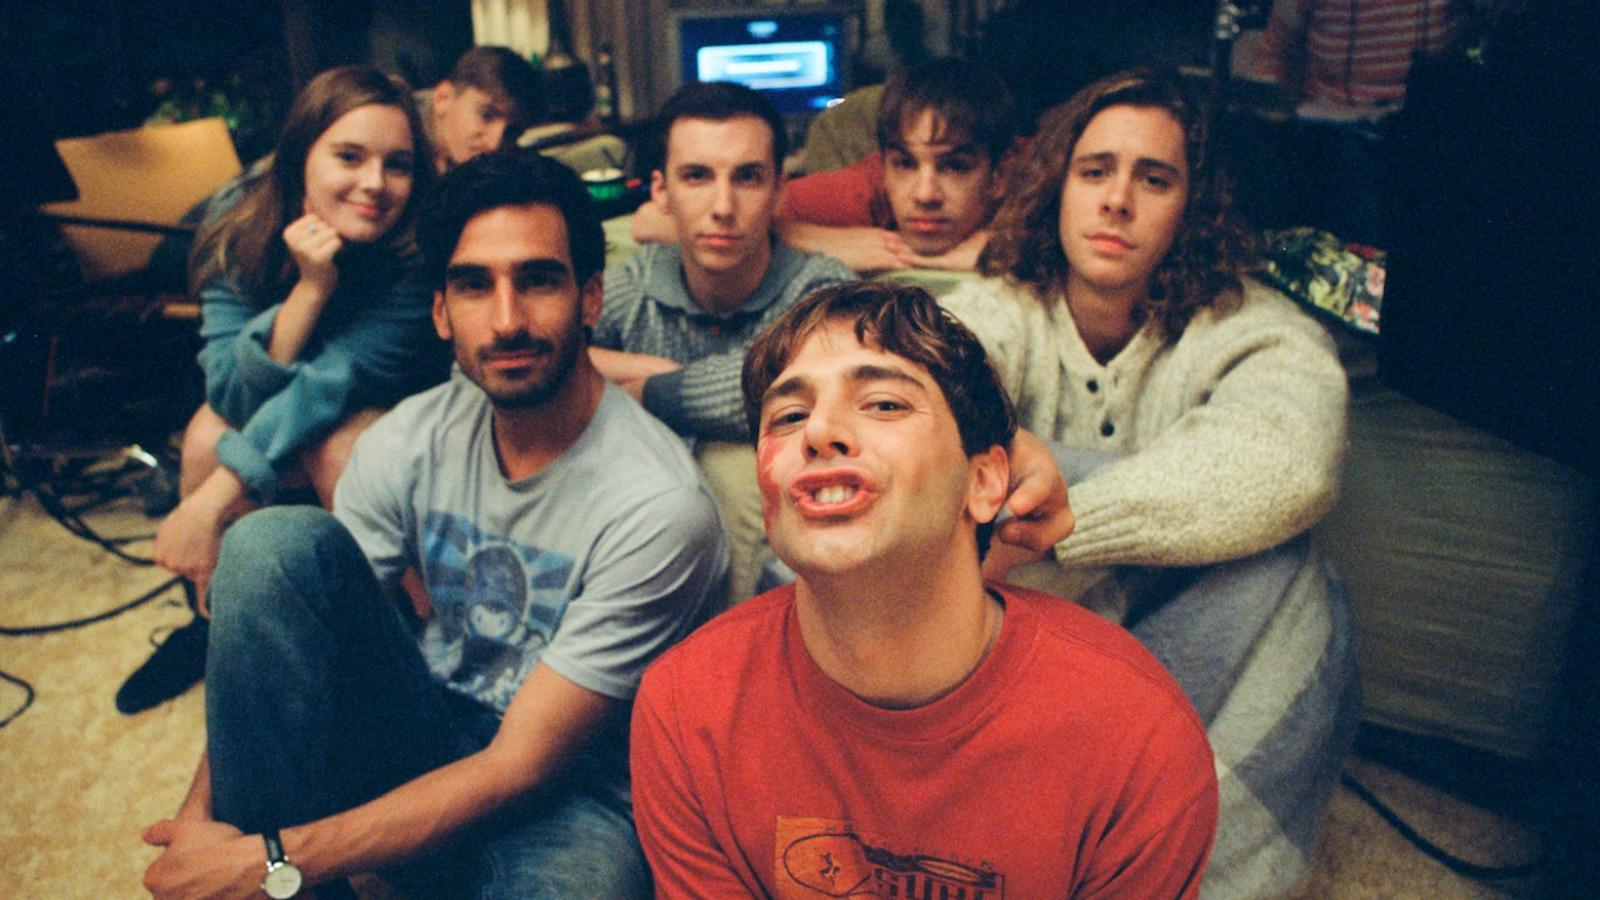 Un groupe de jeunes gens (parmi lesquels Xavier Dolan et Gabriel D'Almeida Freitas) assis par terre, fixent l'objectif de la caméra.